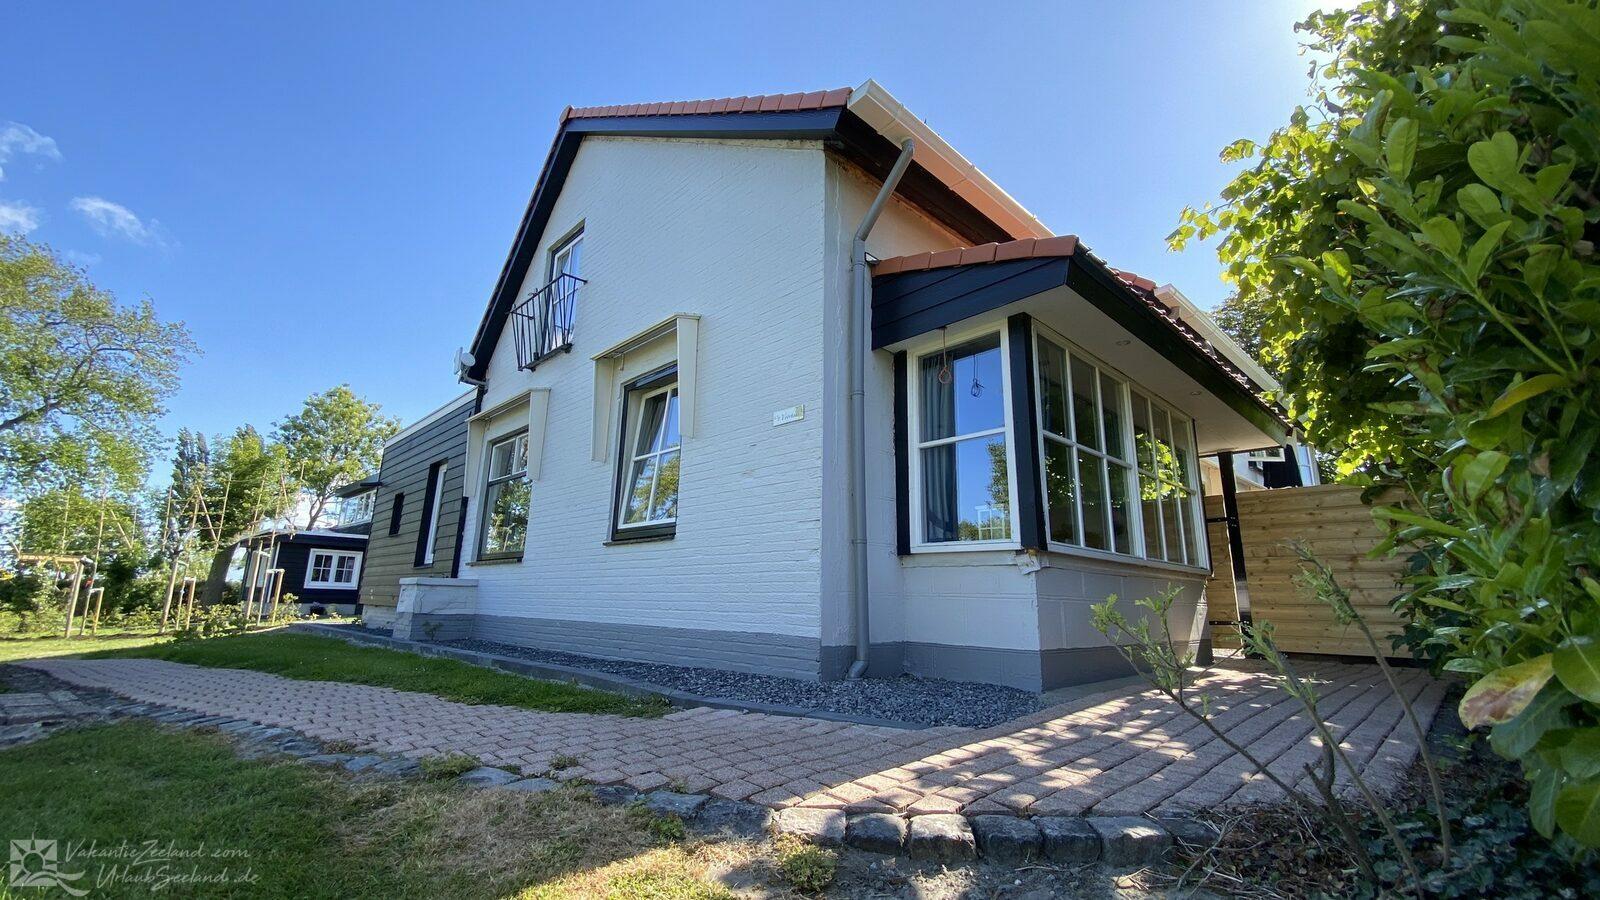 VZ005 Ferienhaus Cadzand